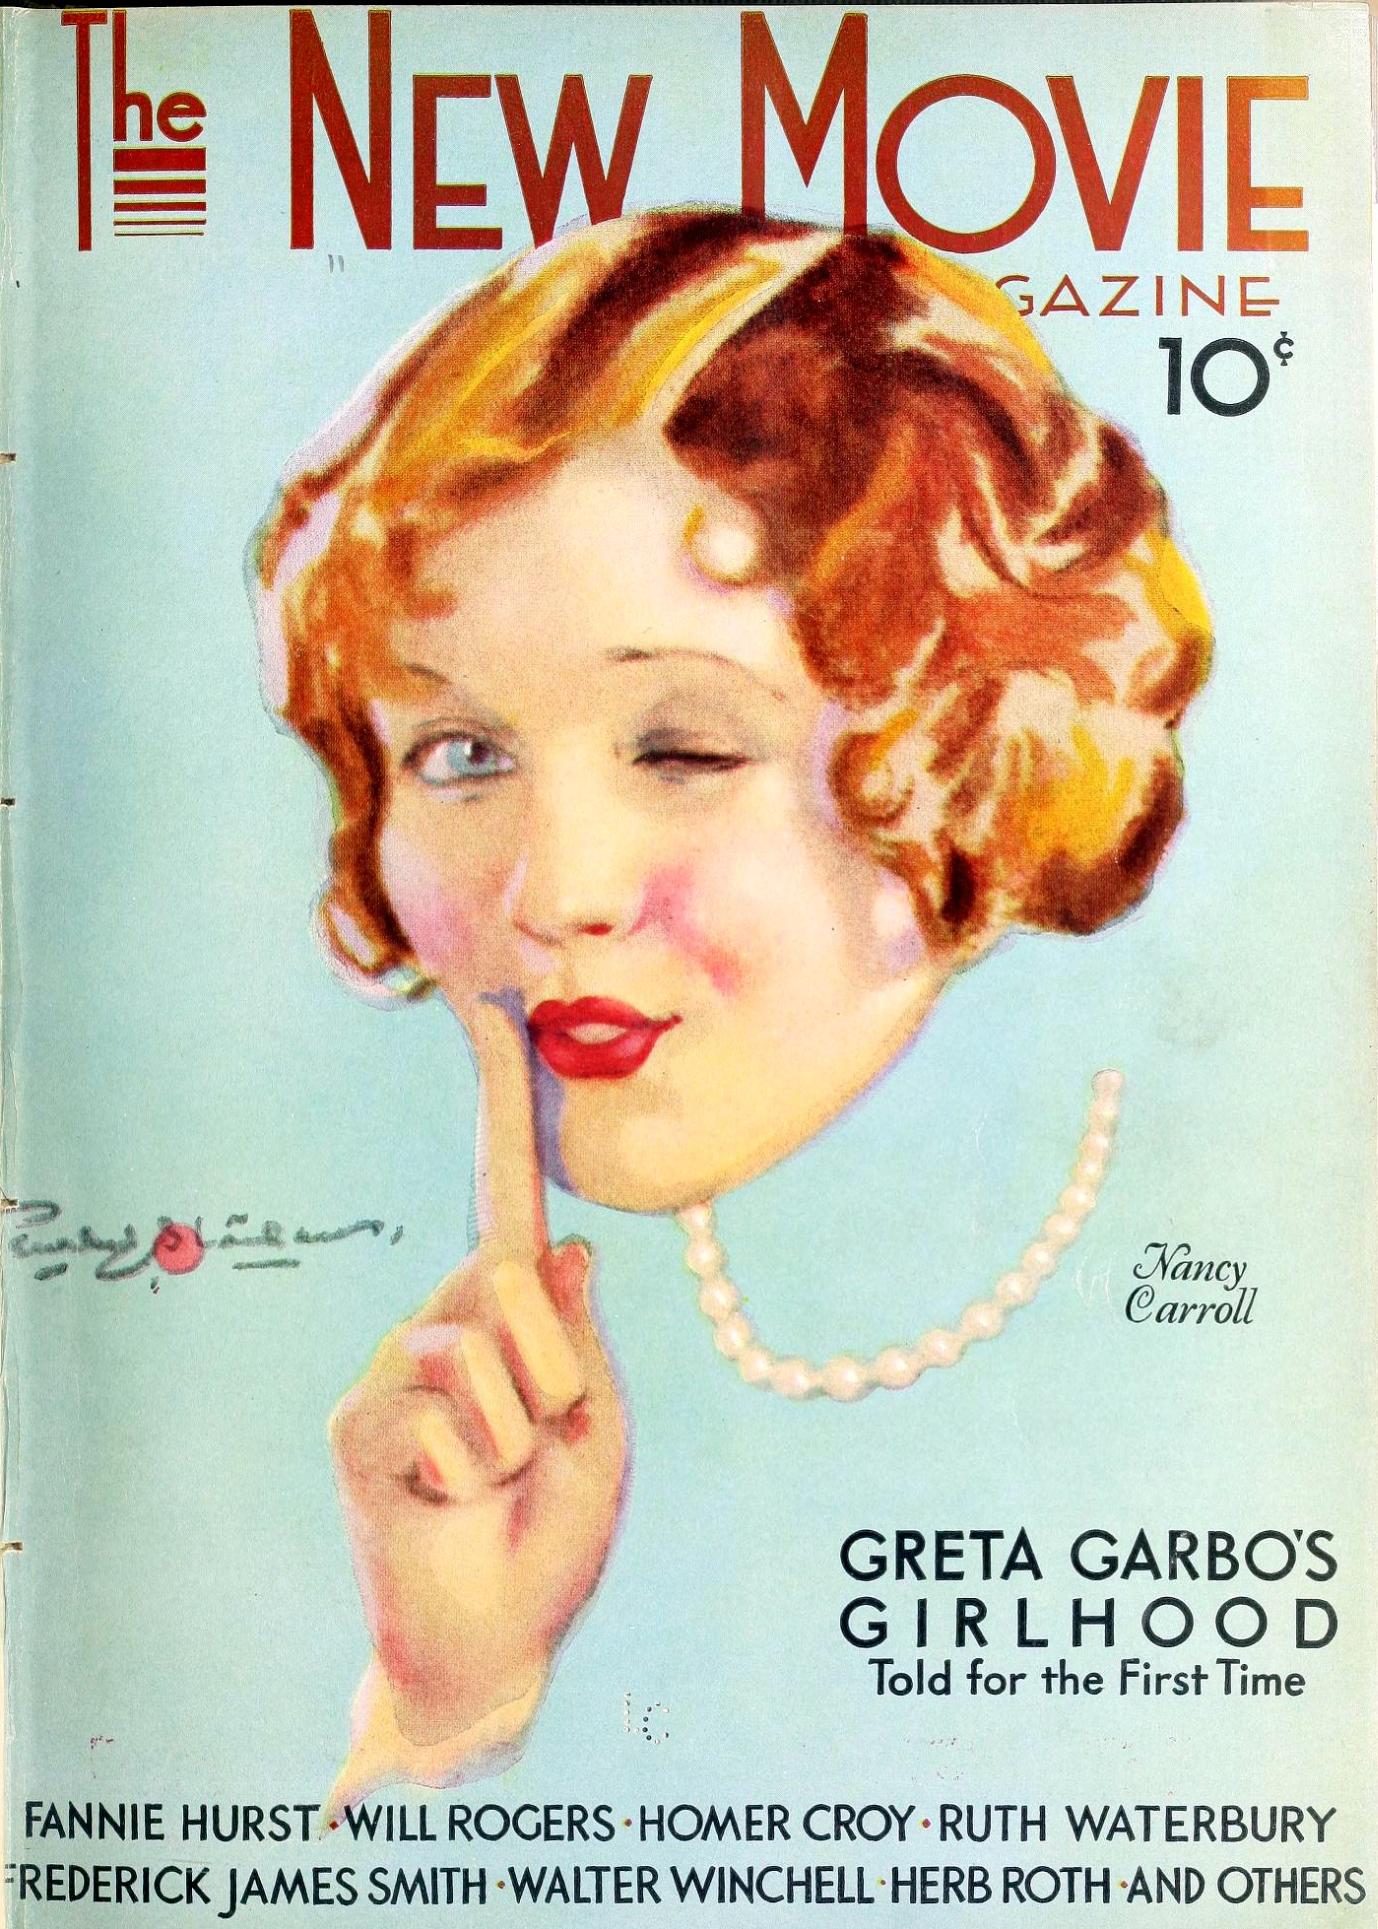 nancy carroll the new movie magazine december 1929a